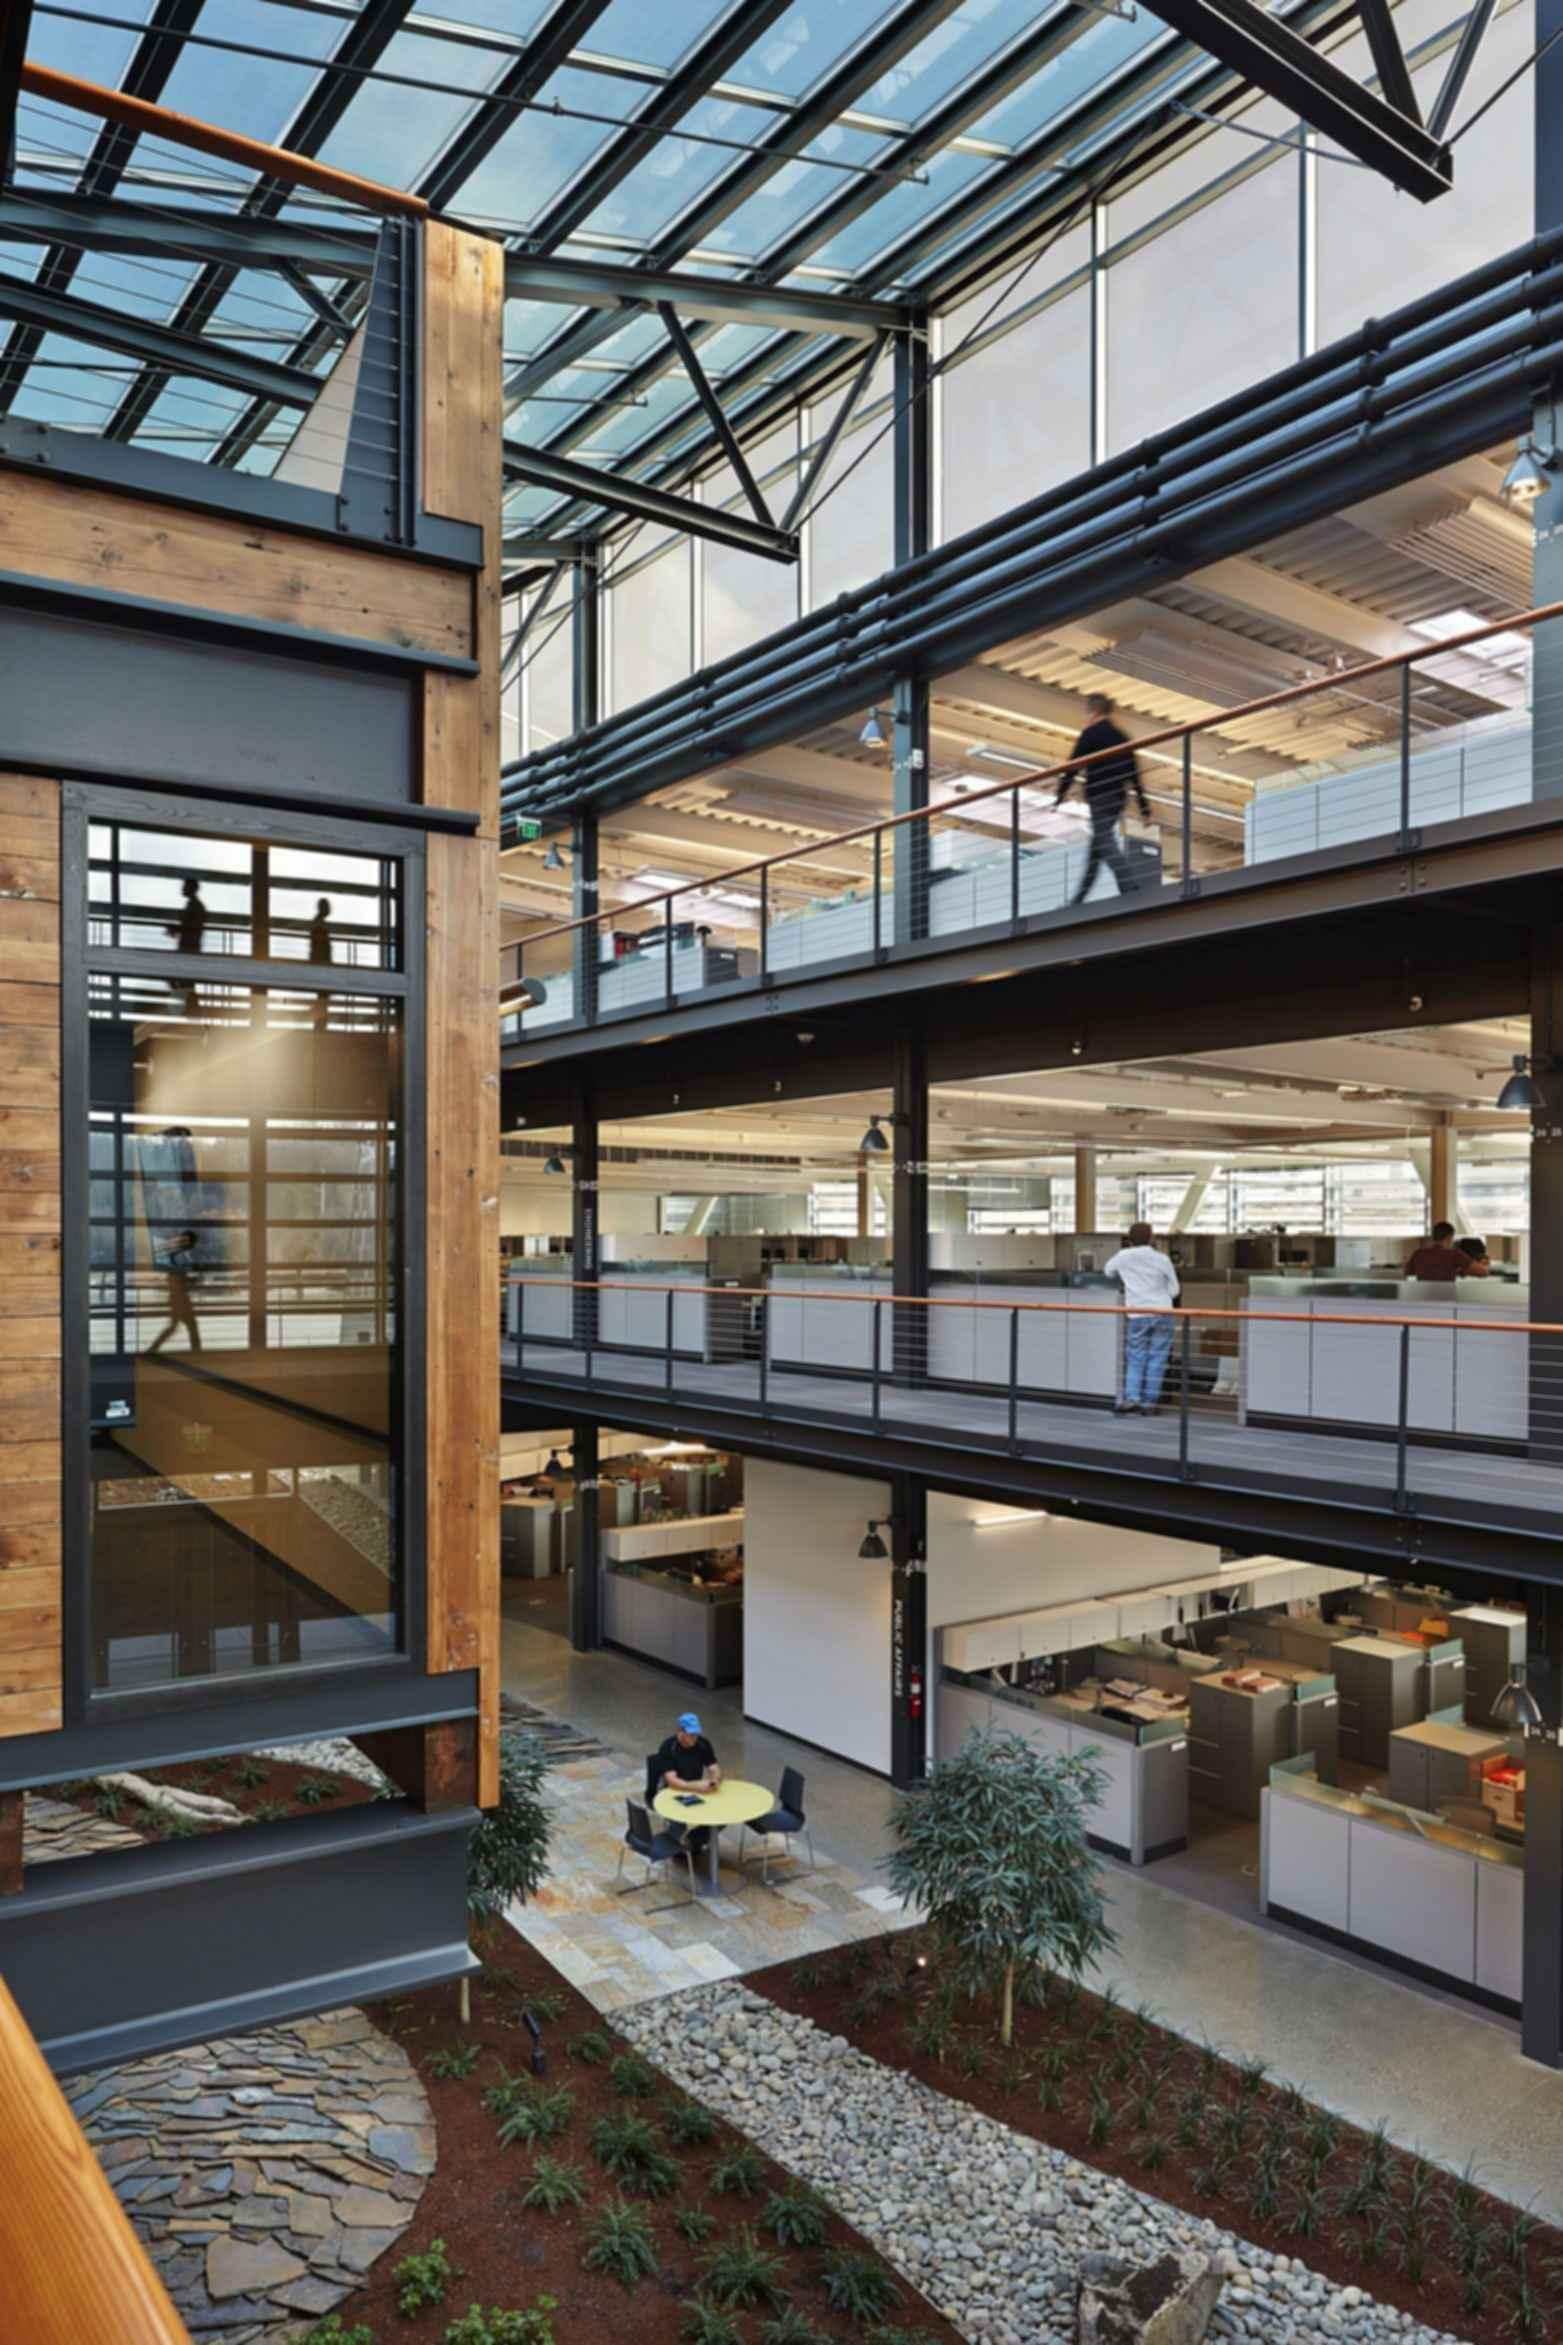 Federal Center South Building 1202 - Interior/Atrium